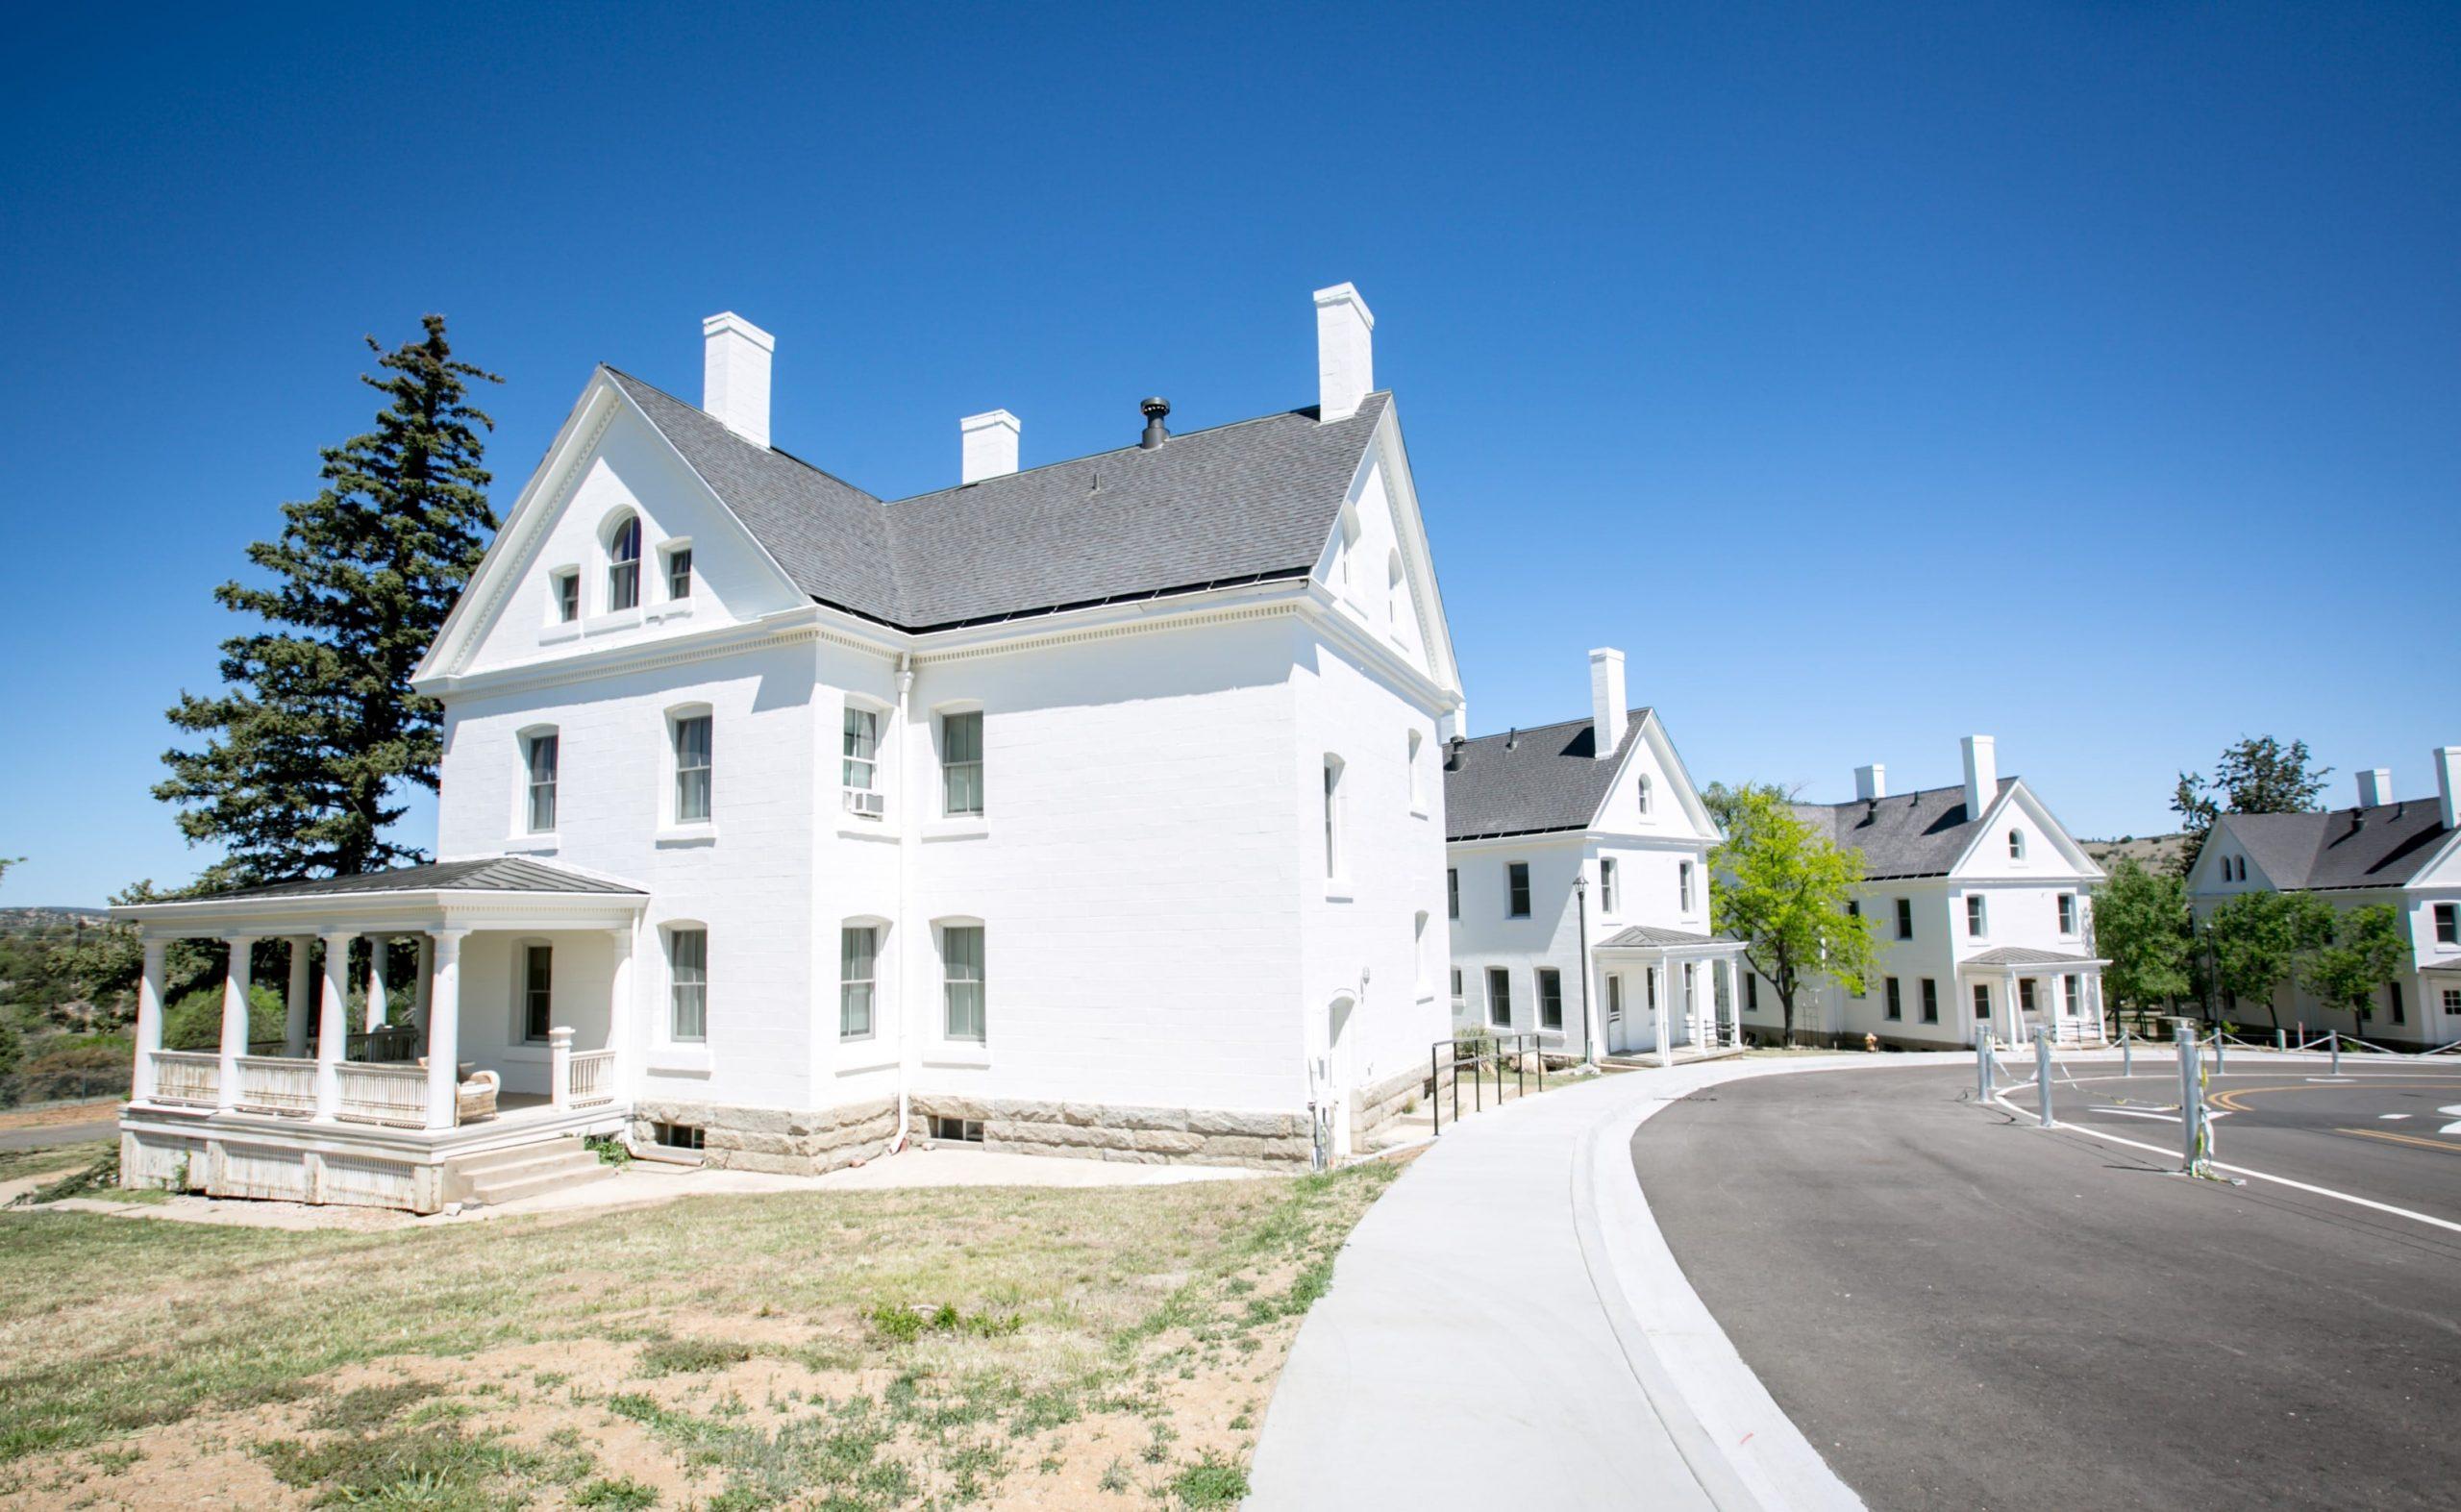 Whipple housing development